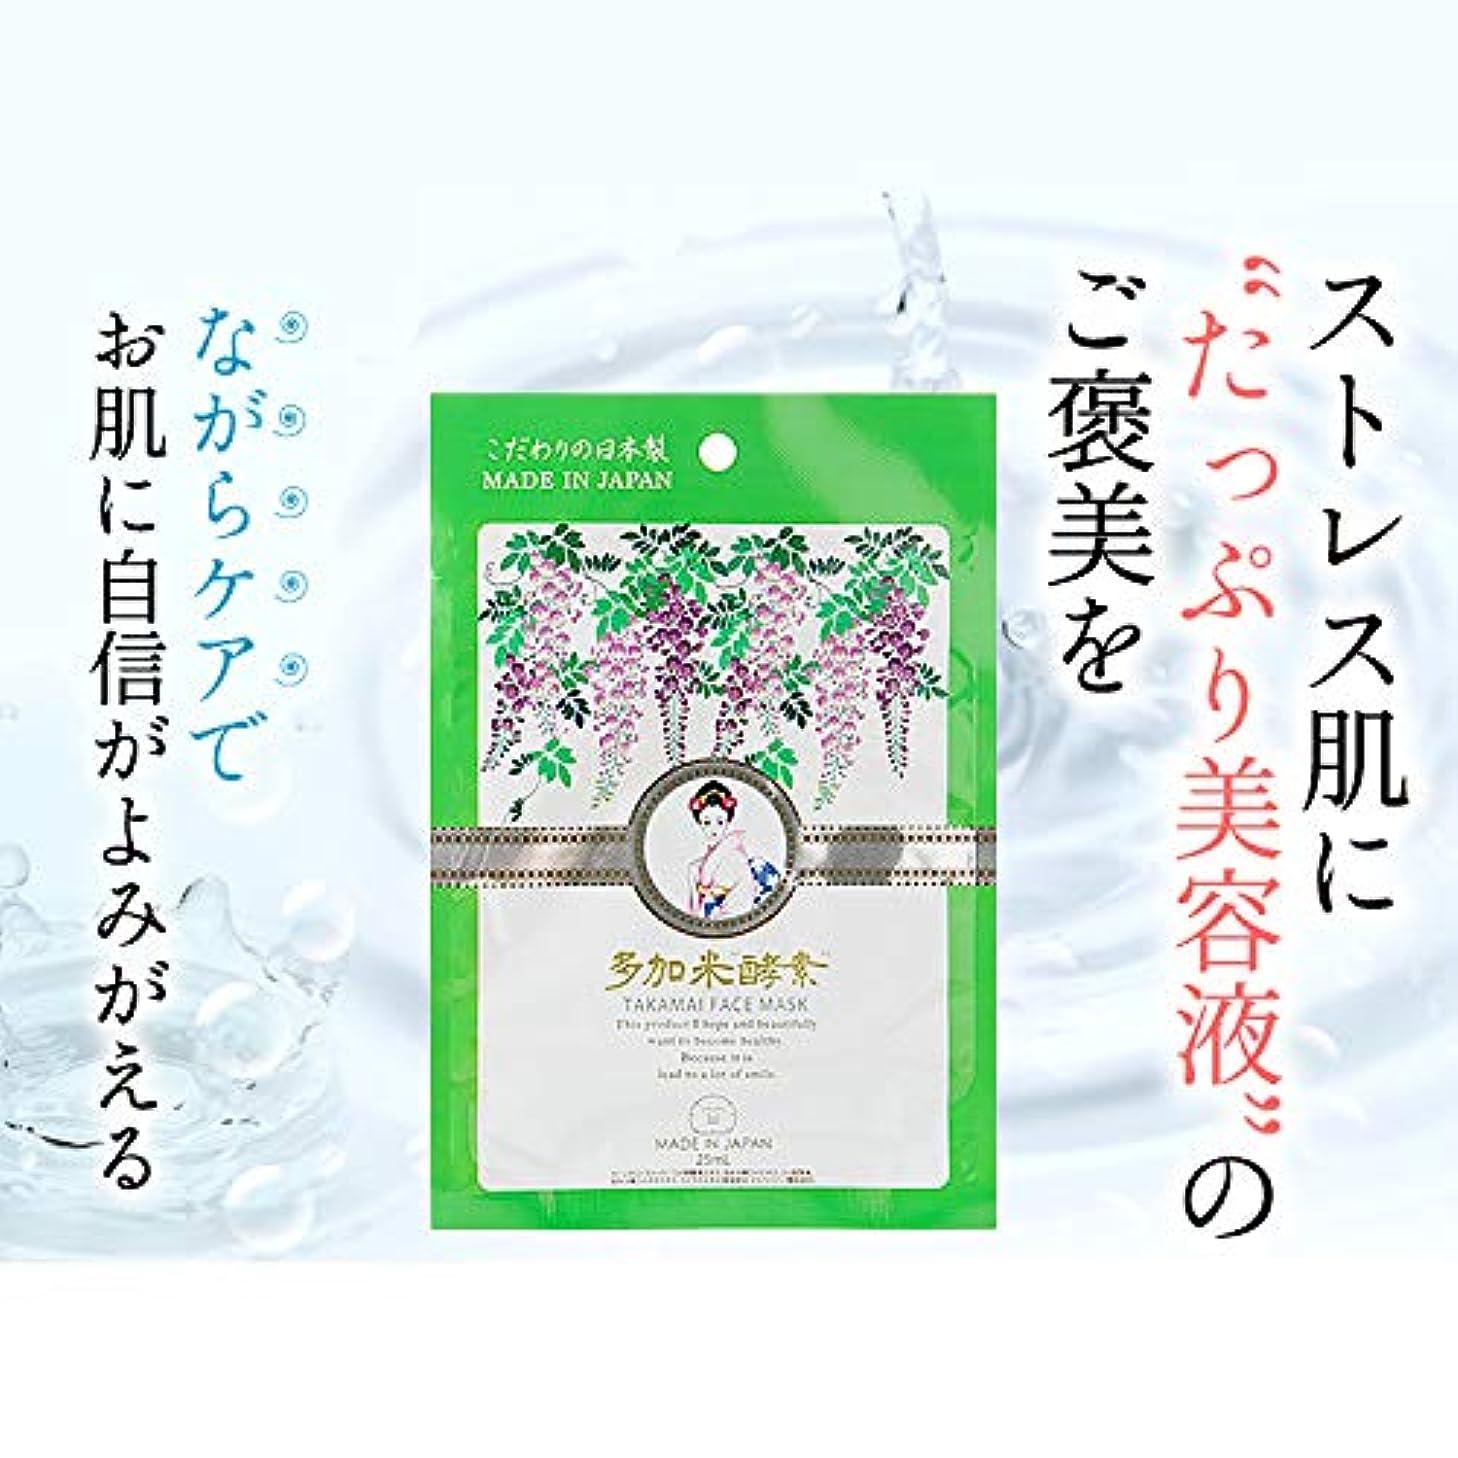 馬力緑華氏多加米酵素フェイスマスク シートマスク フェイスマスク 保湿マスク 美容液 25ml 20枚セット